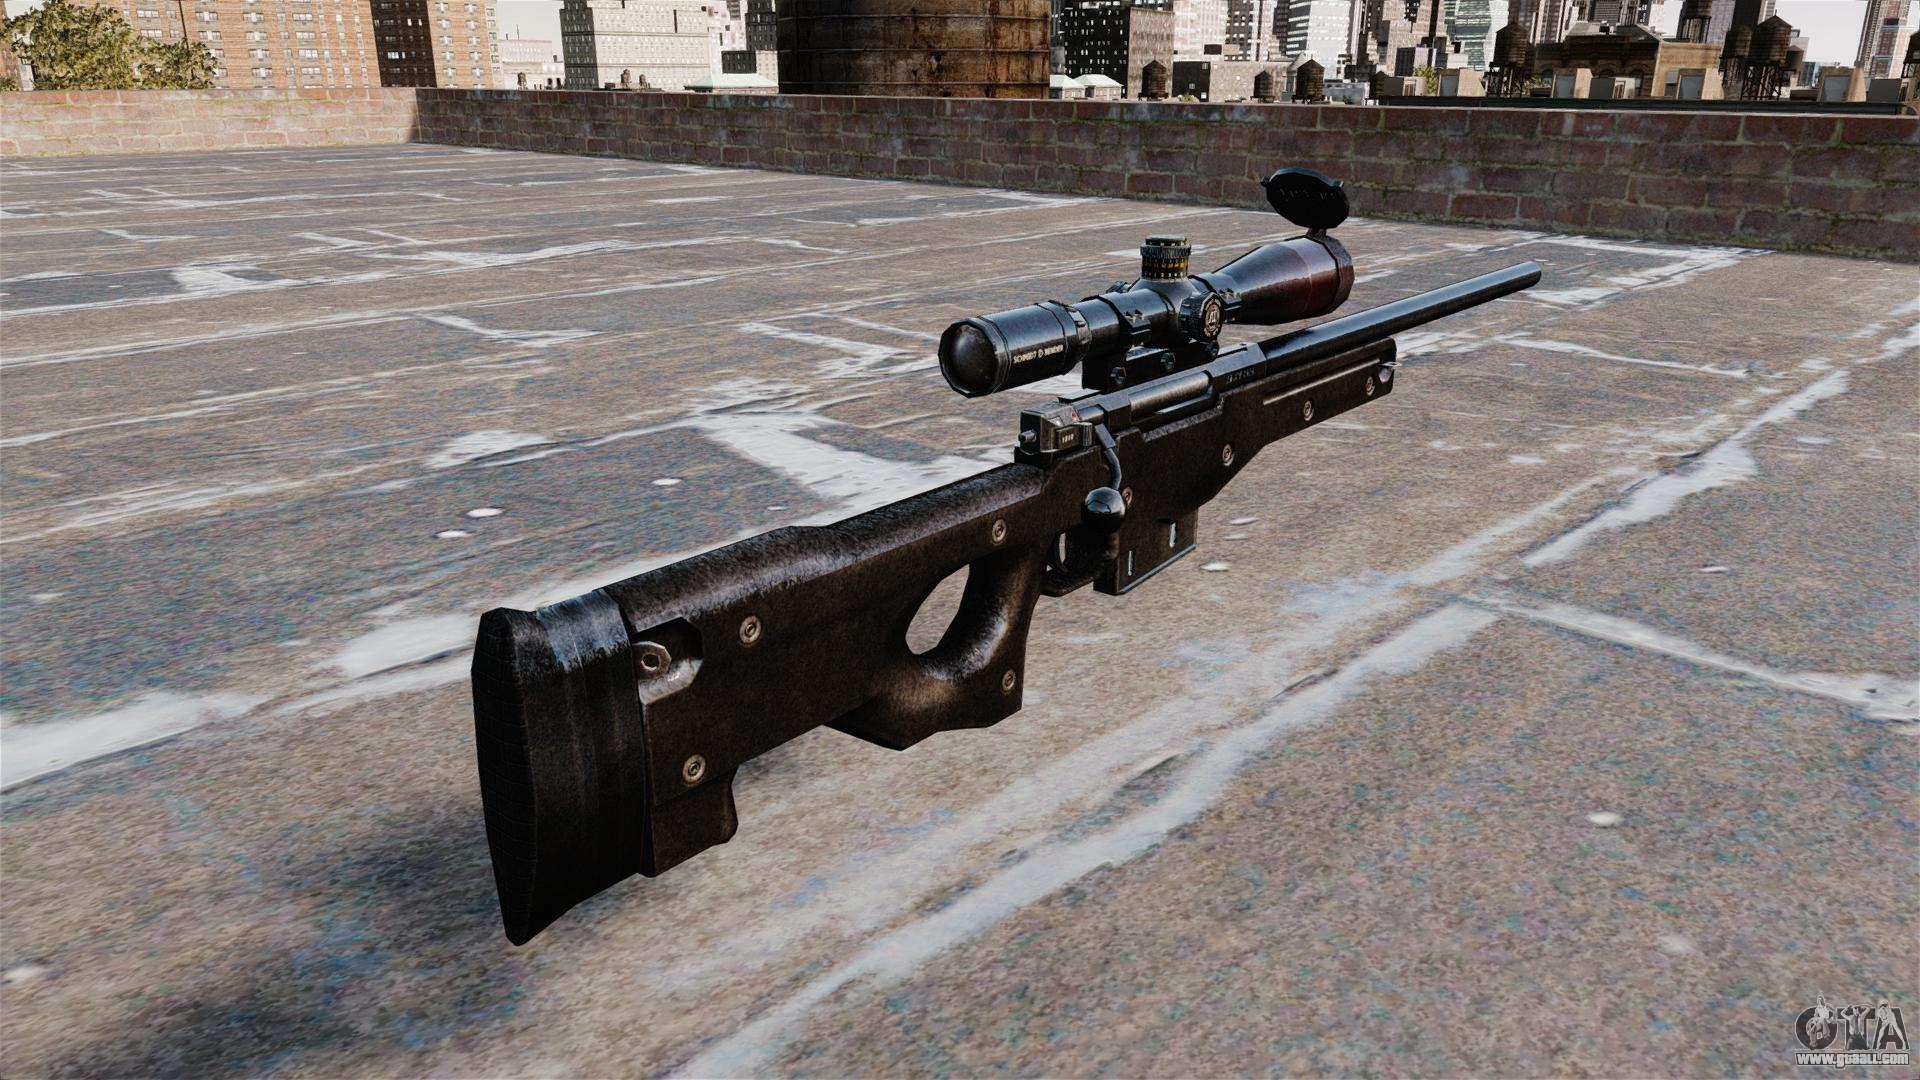 magnum sniper rifle - HD1920×1080